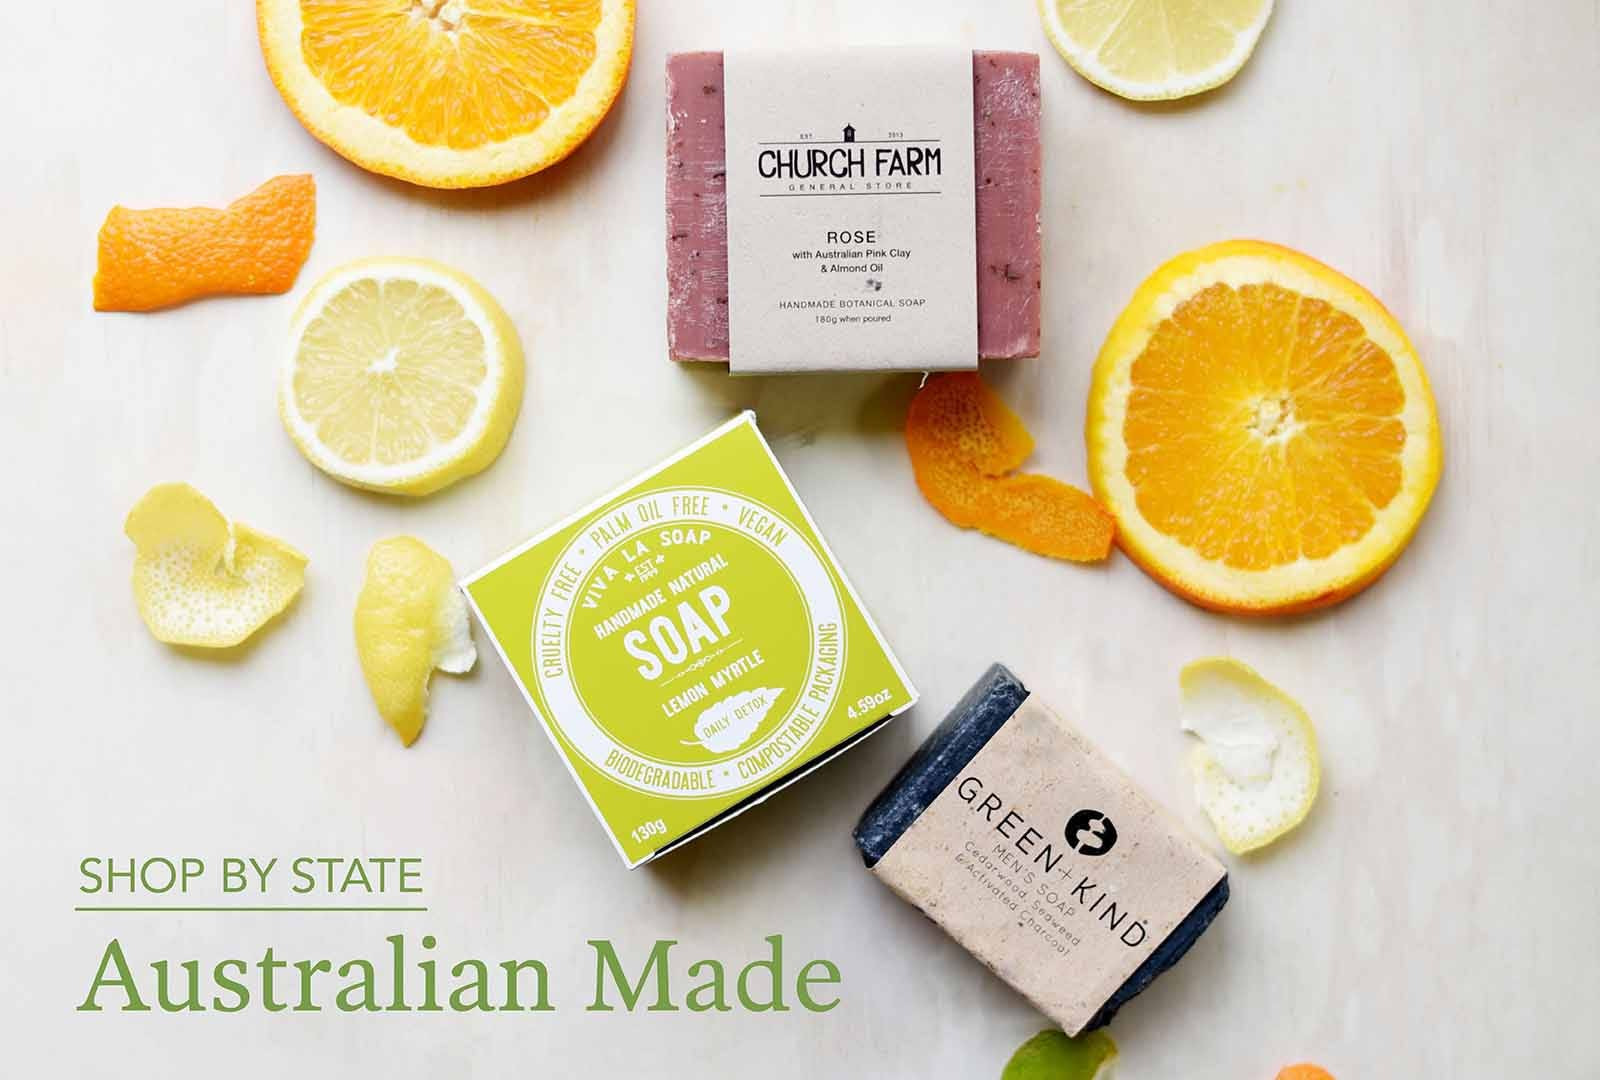 Shop Australian Made